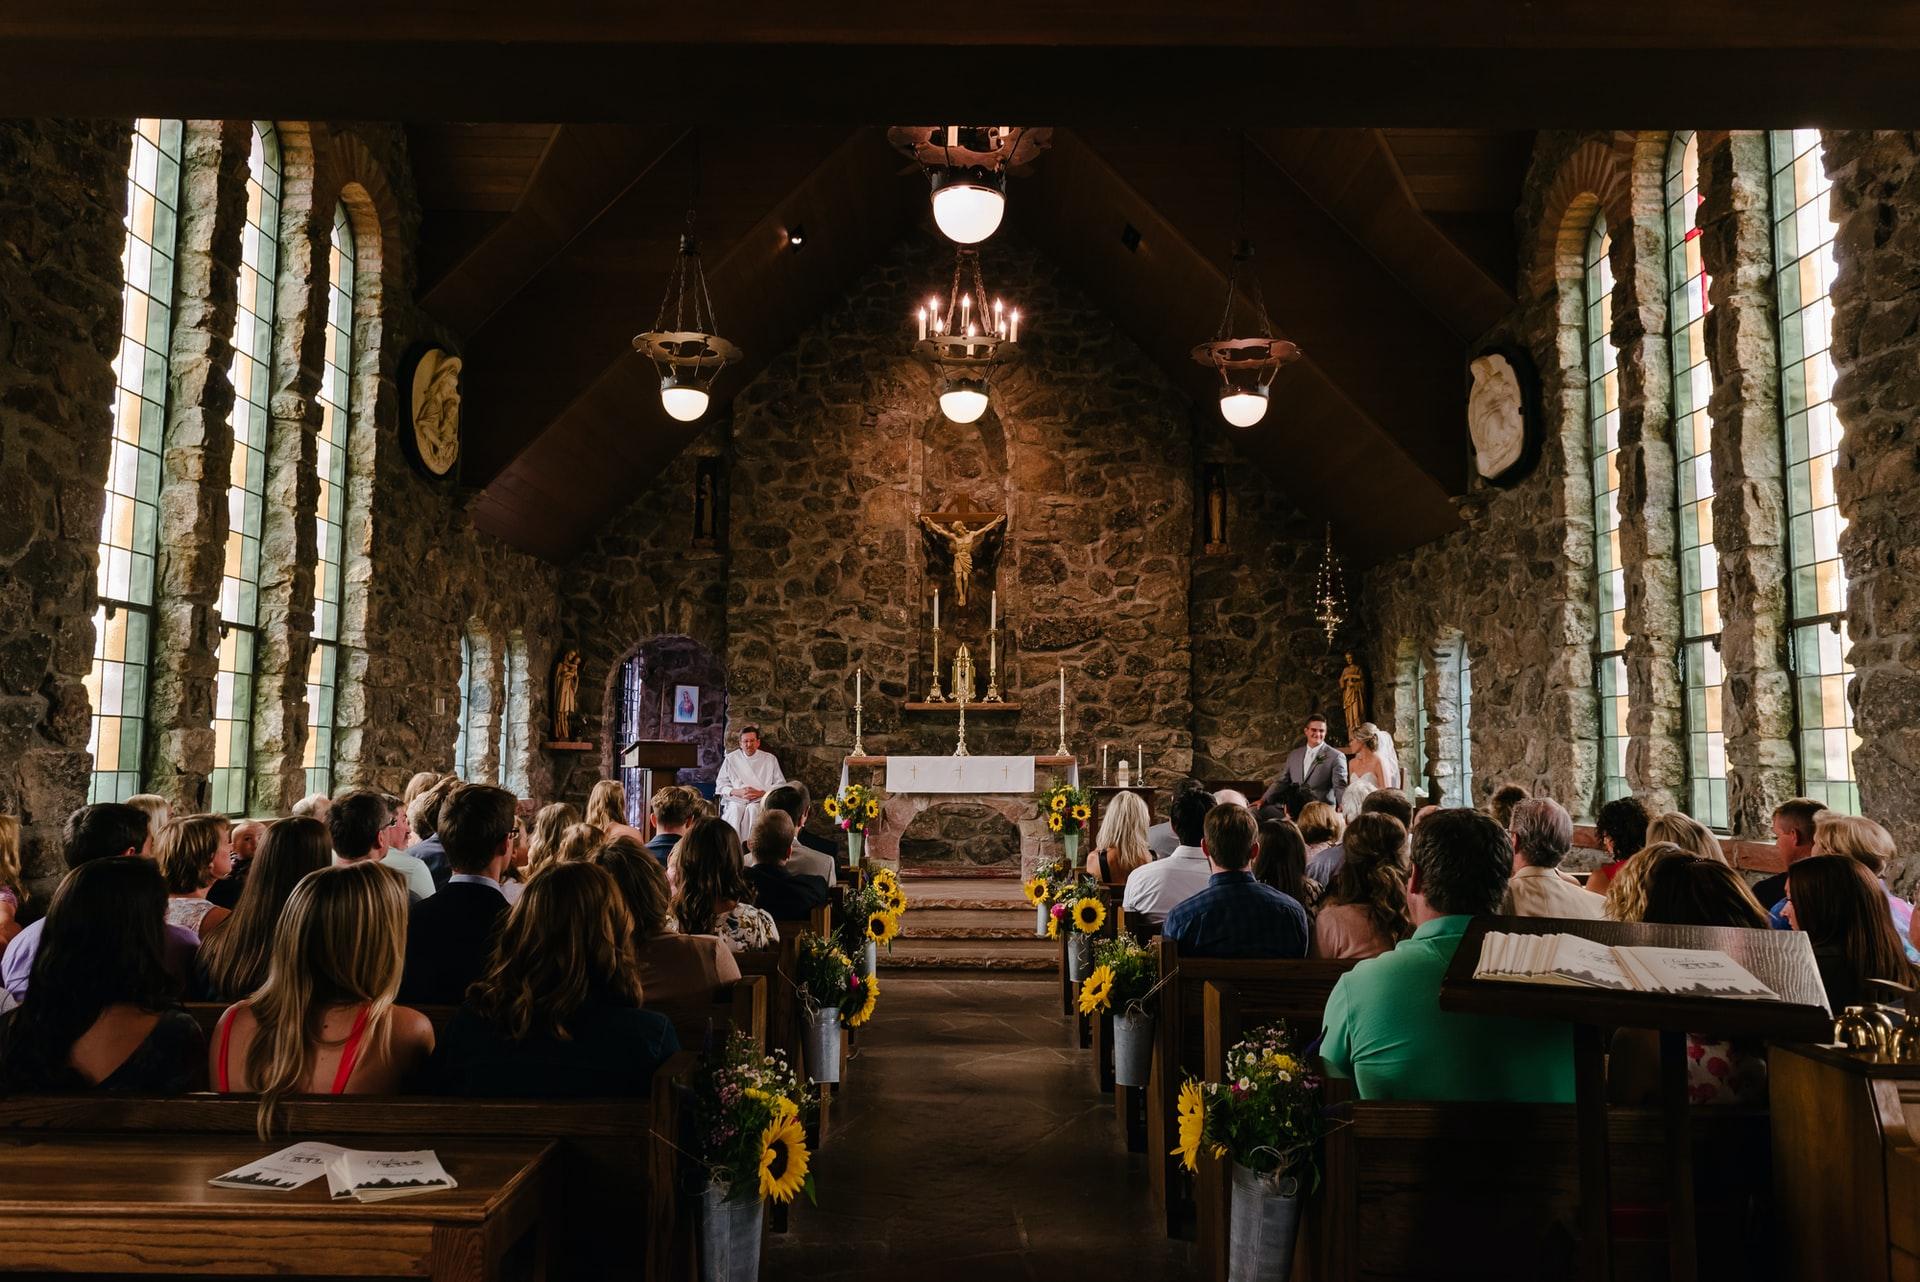 Lesz valaha közös úrvacsora a keresztény felekezetek között?